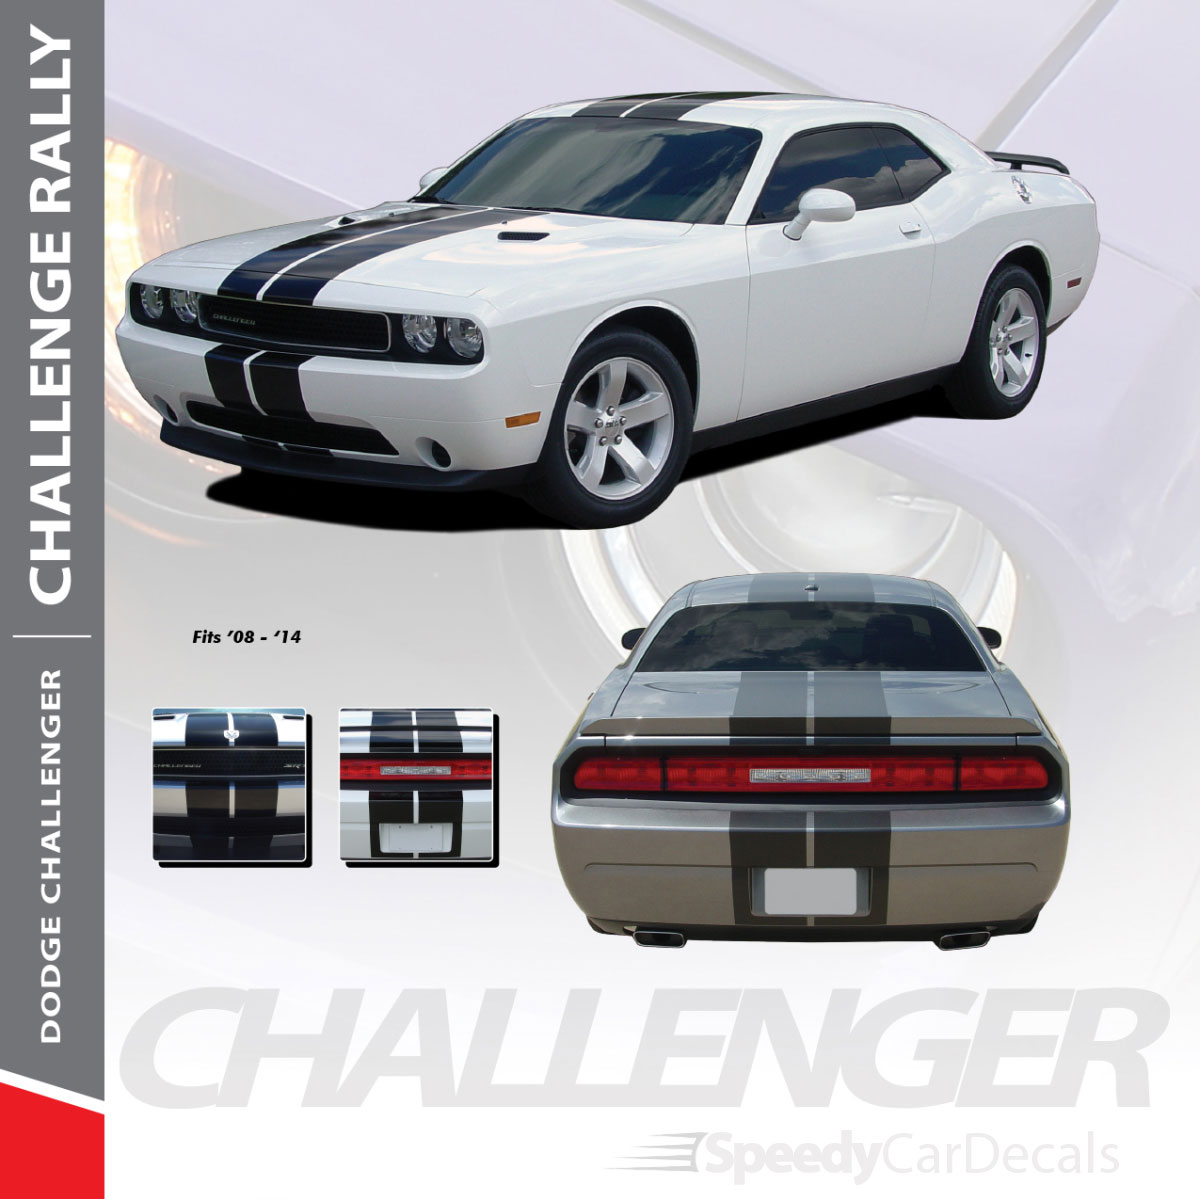 2009-2018 Dodge Ram Performance Sport Outlined Split Hood Stripe Stripes Decals